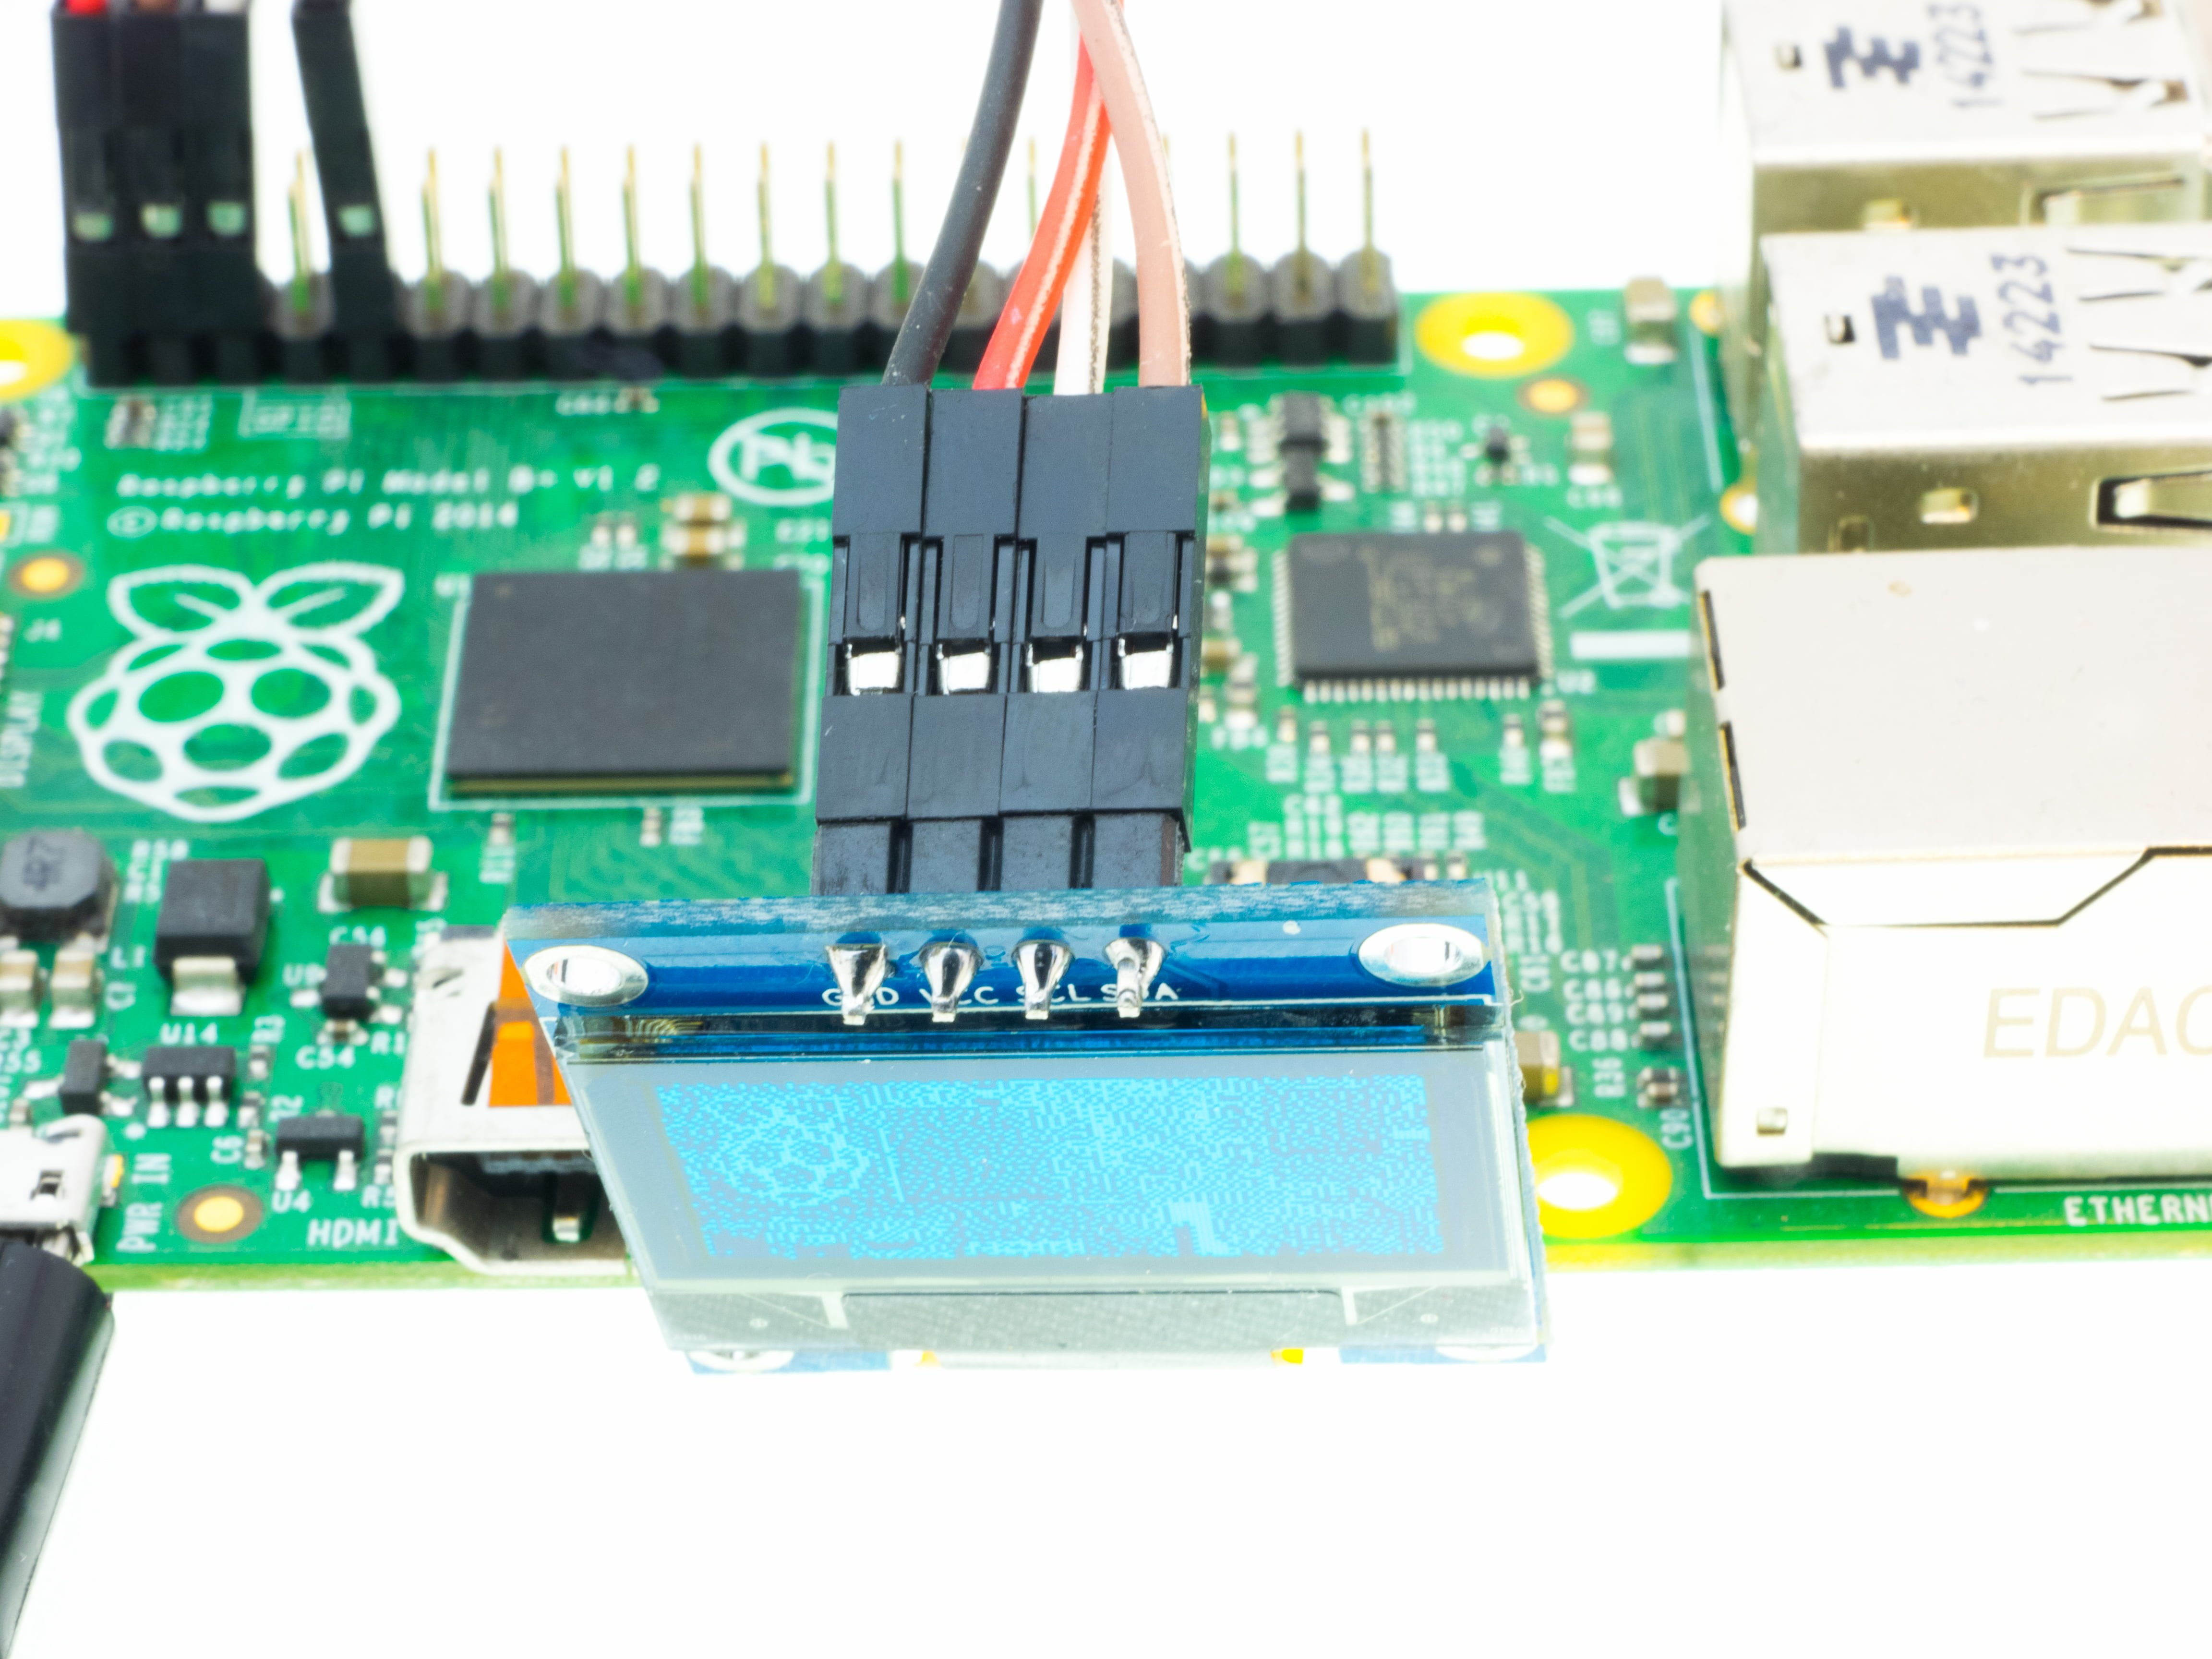 Wyświetlacz OLED SSD1306 - podłączenie do wyświetlacza